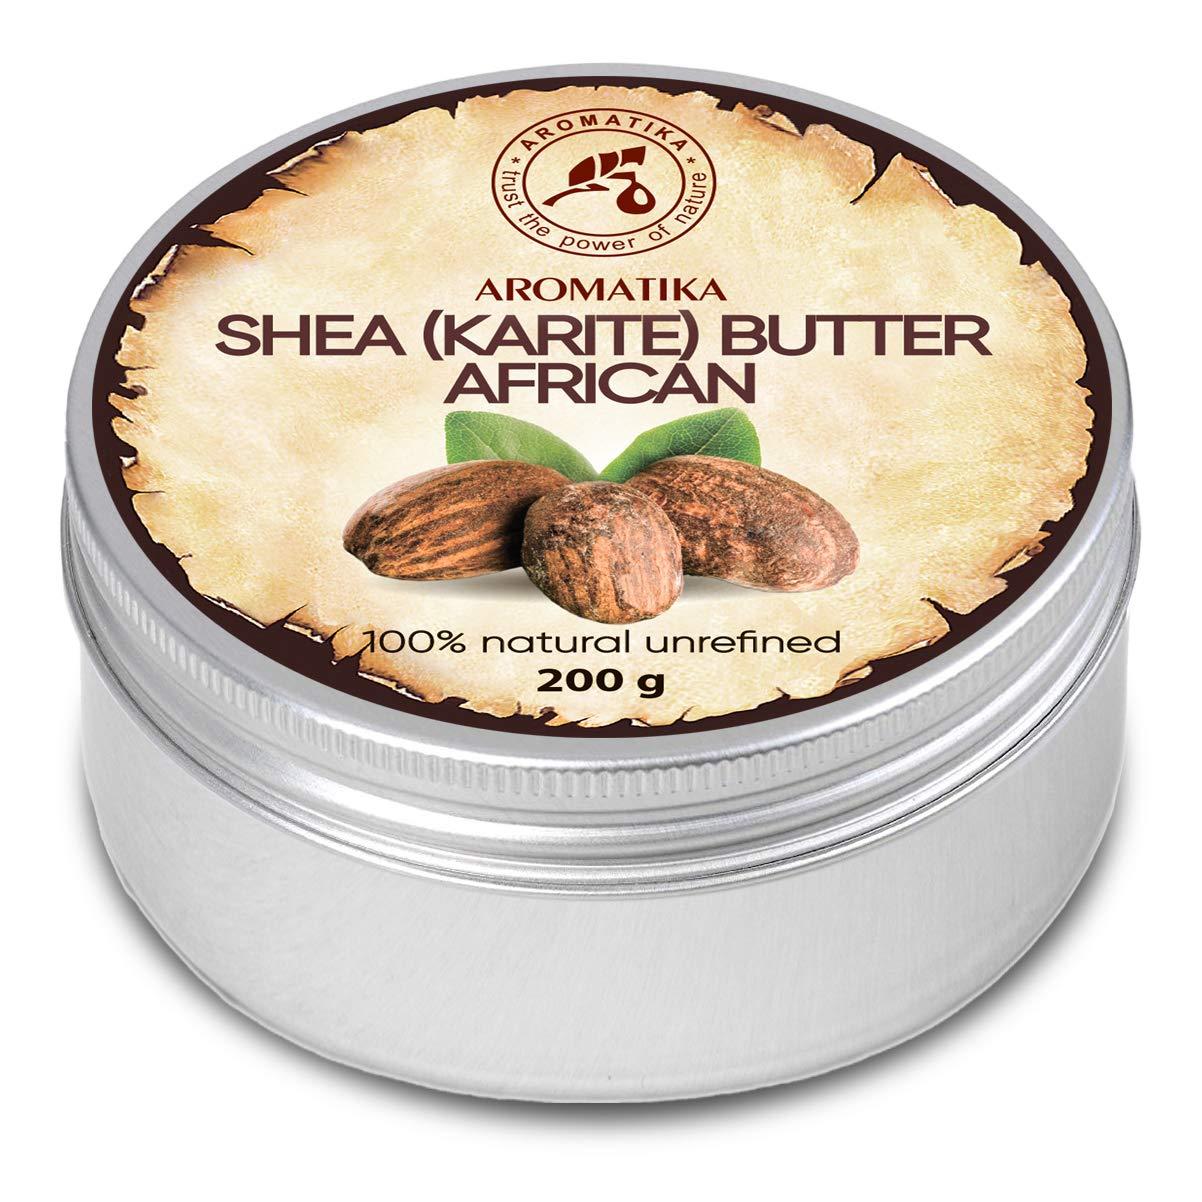 Manteca de Karité 200g - Africana - Sin Refinar - Prensado en Frío - 100% Puro y Natural - Mejor para el Cabello - Piel - Labio - Cara - Cuidado del ...